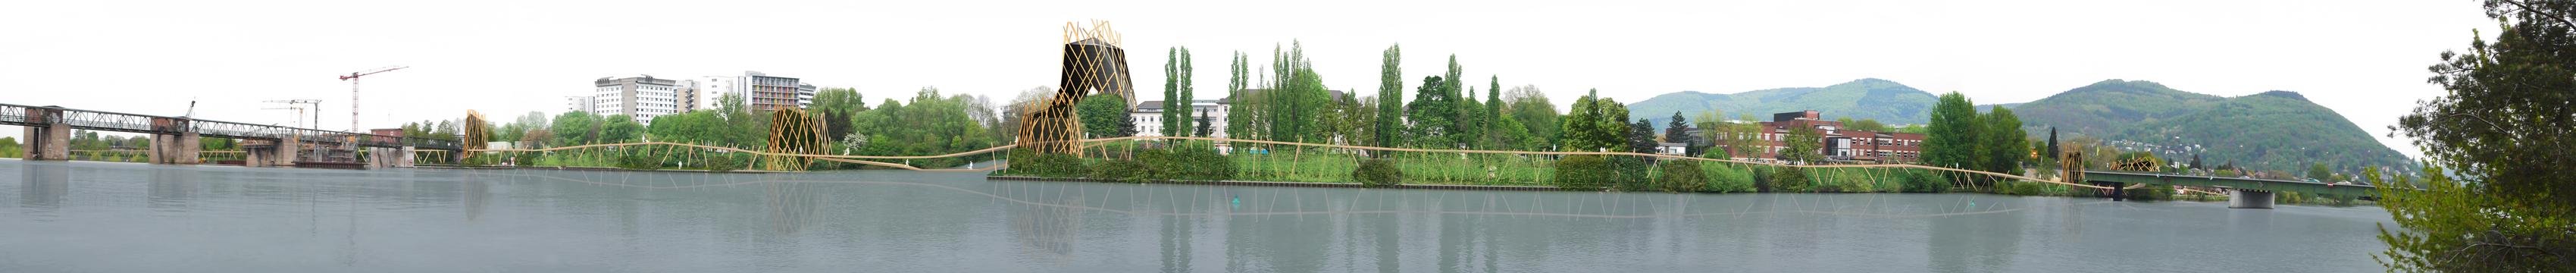 http://www.studiolada.fr/files/gimgs/20_2010-ur-europan10-6-facadeensemble.jpg